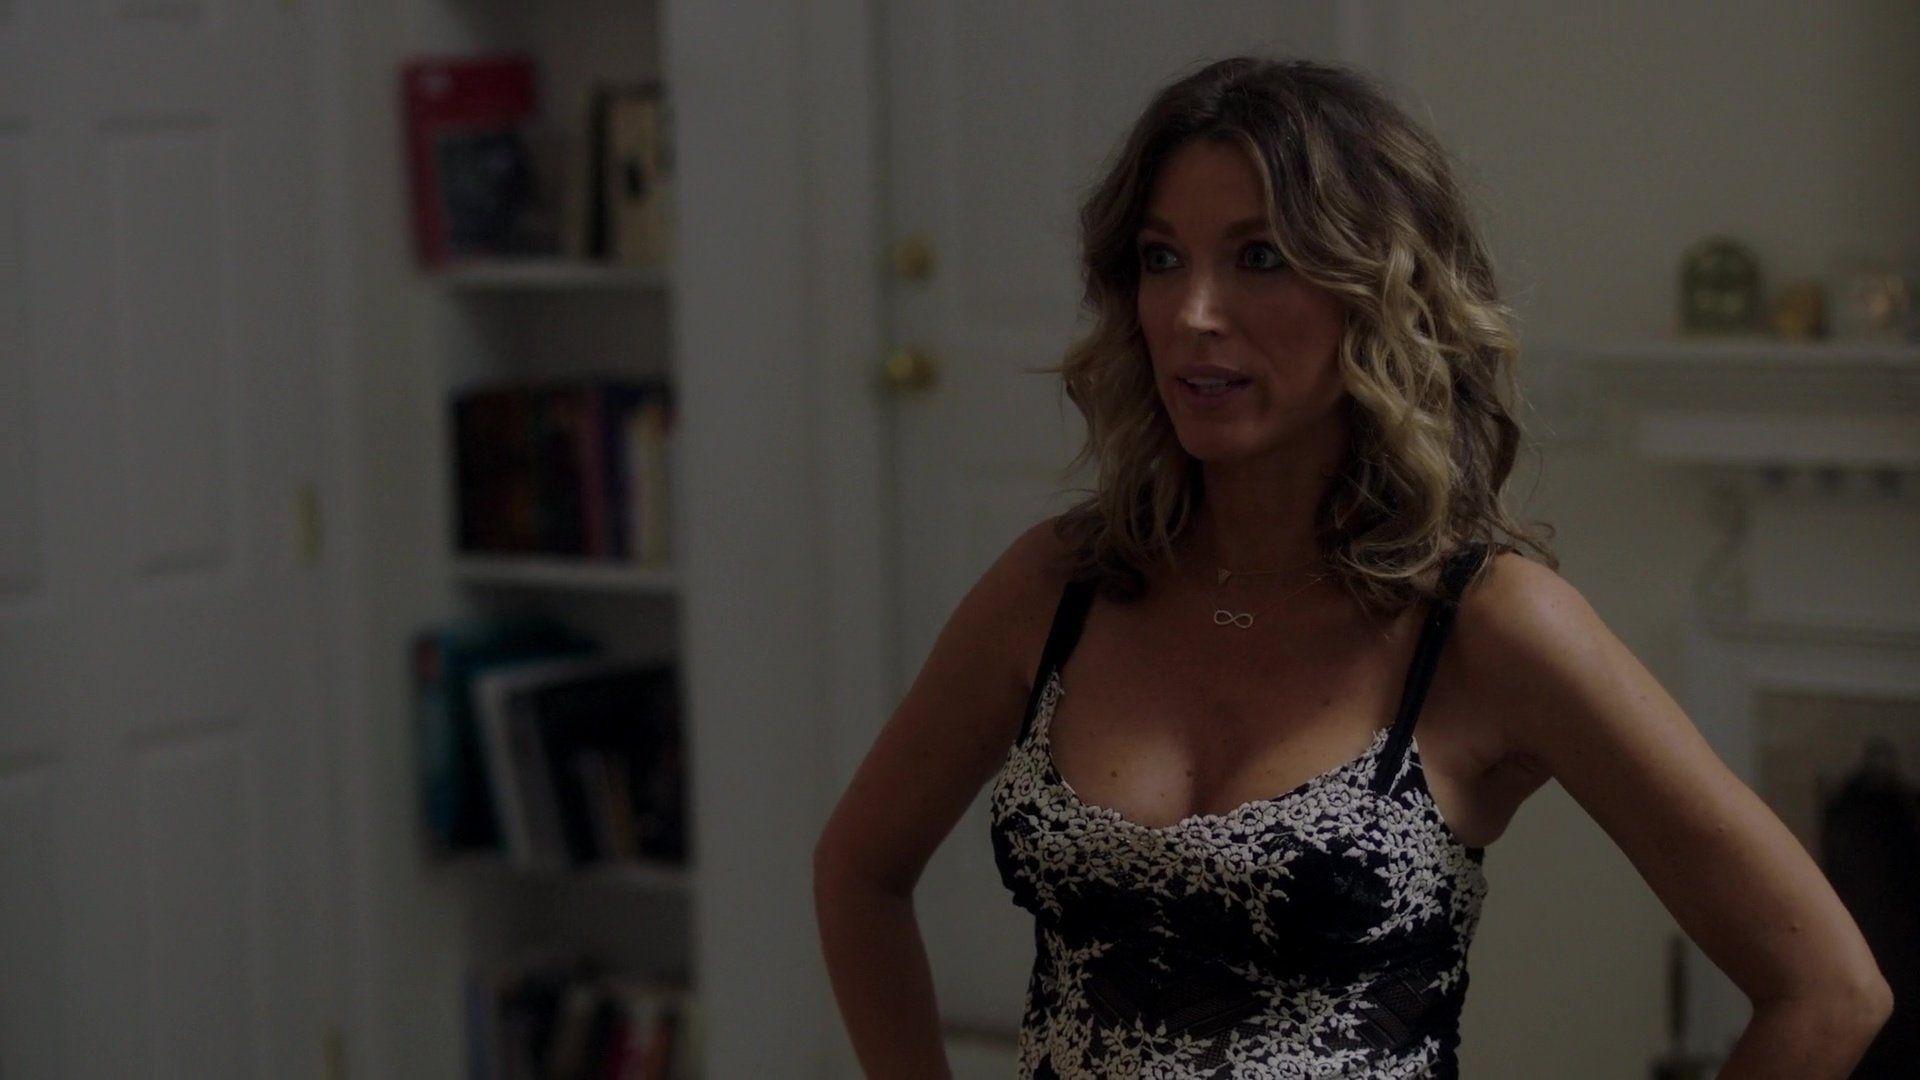 Natalie zea naked tgp